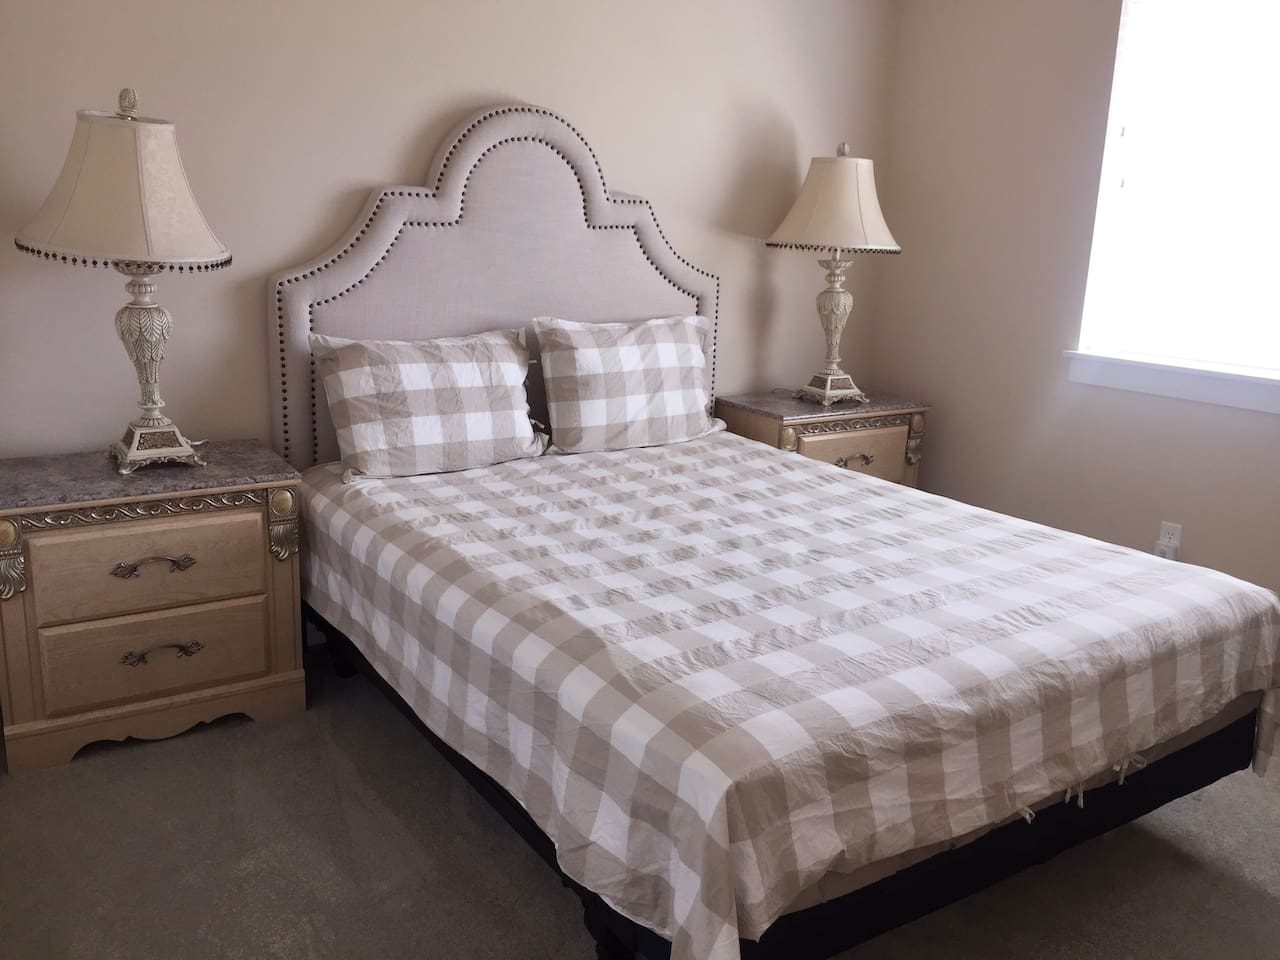 全新的queen size 的床及床单